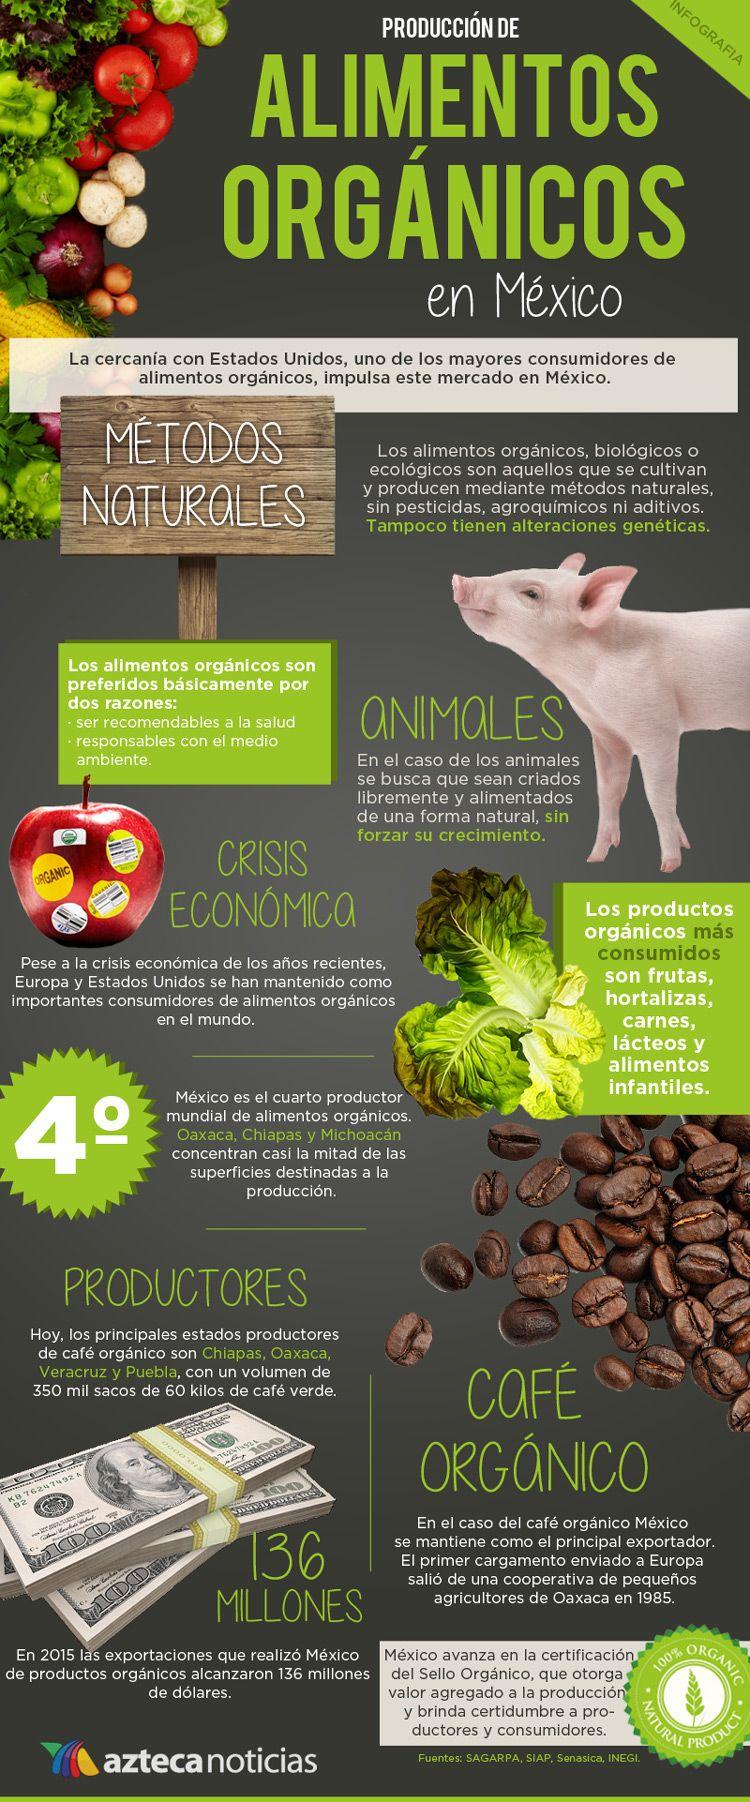 Produccion De Alimentos Organicos En Mexico Infografia Alimentos Organicos Alimentos Comida Sana